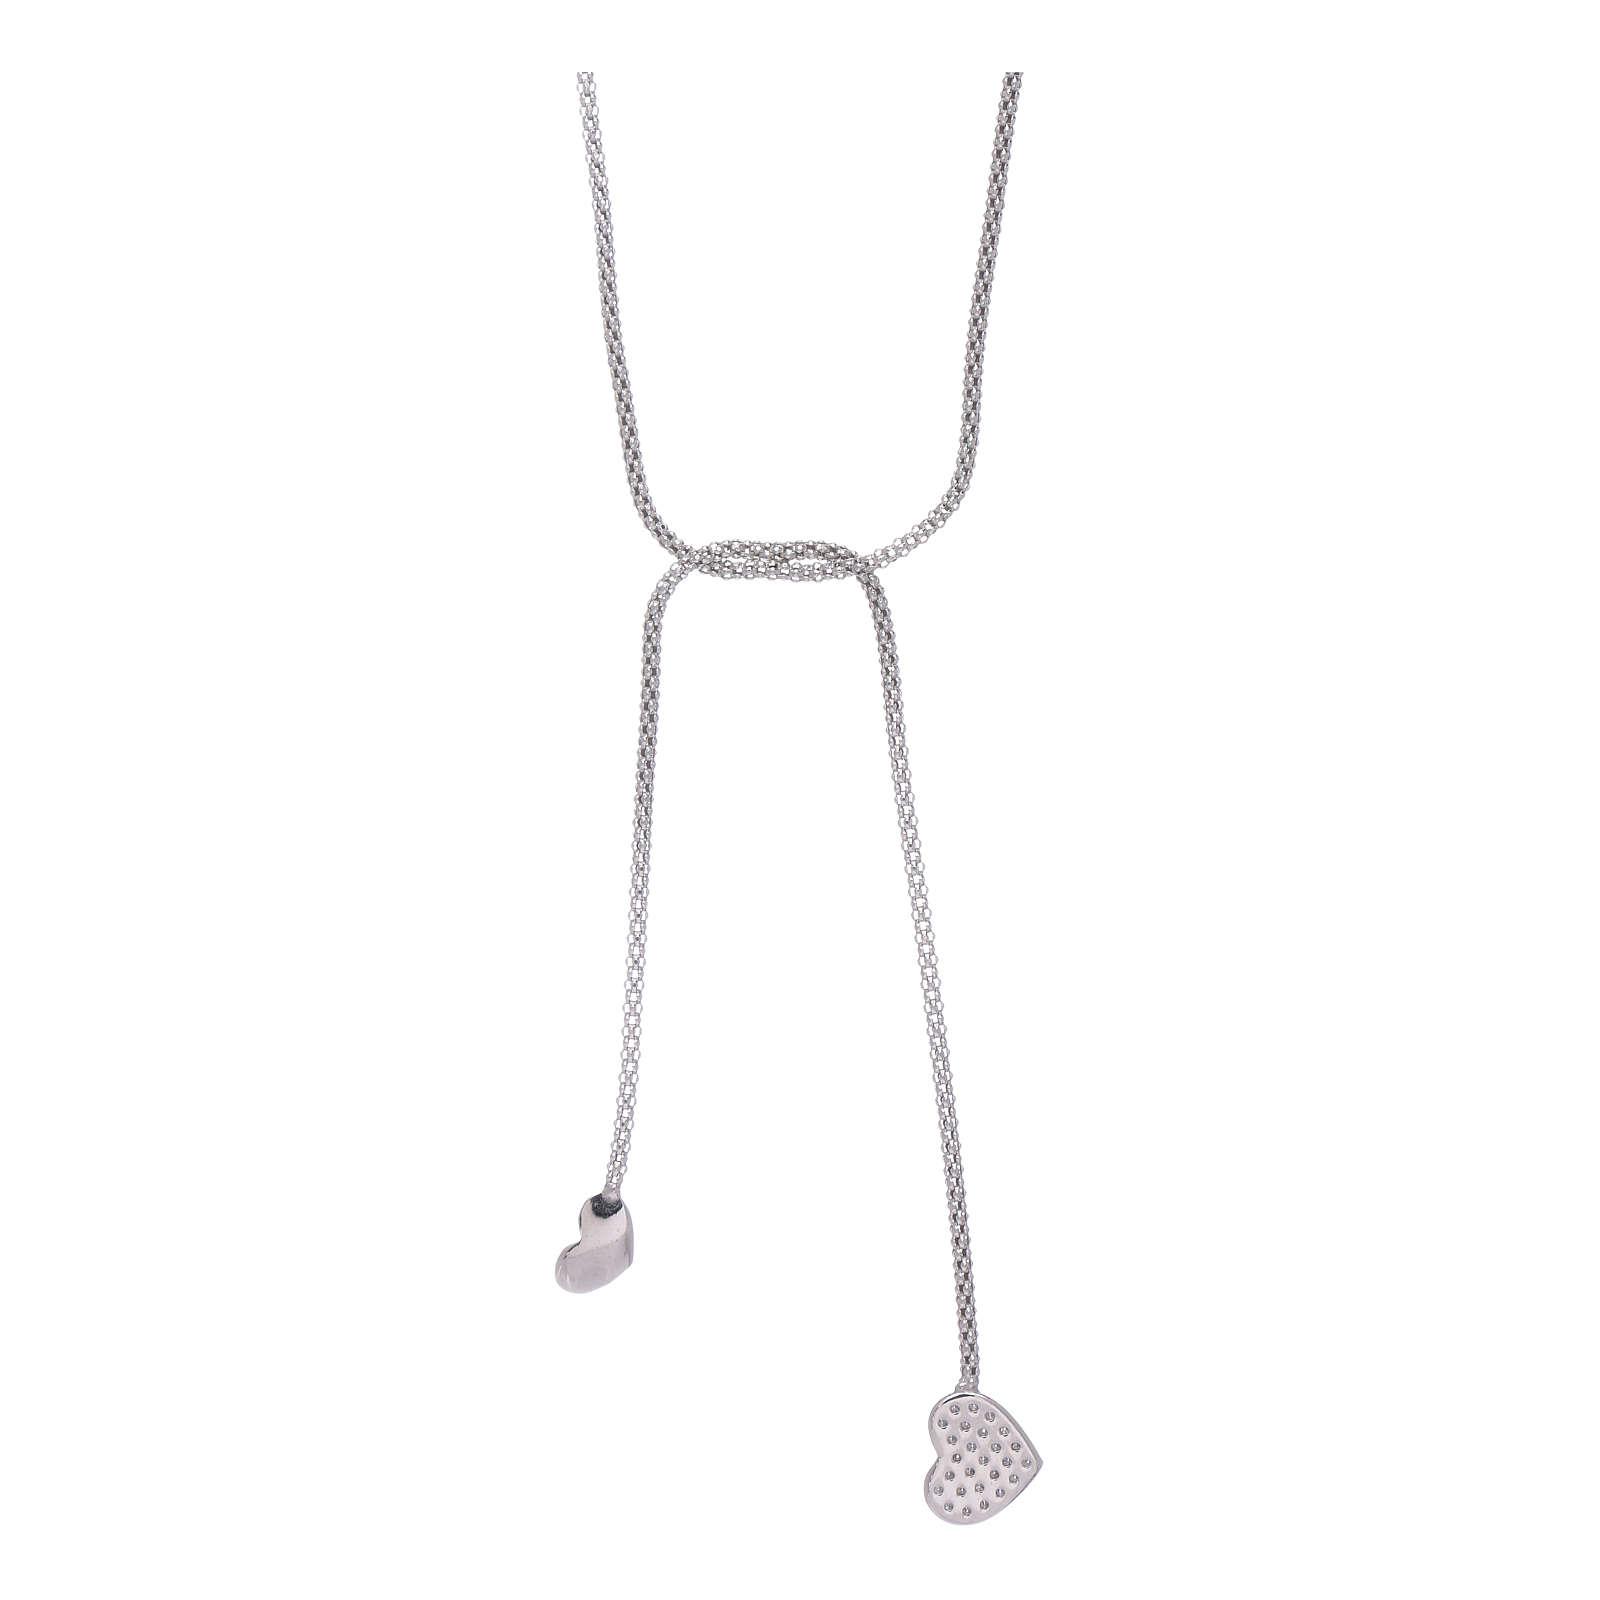 Collana AMEN modello abbraccio argento 925 cuori e zirconi bianchi 4